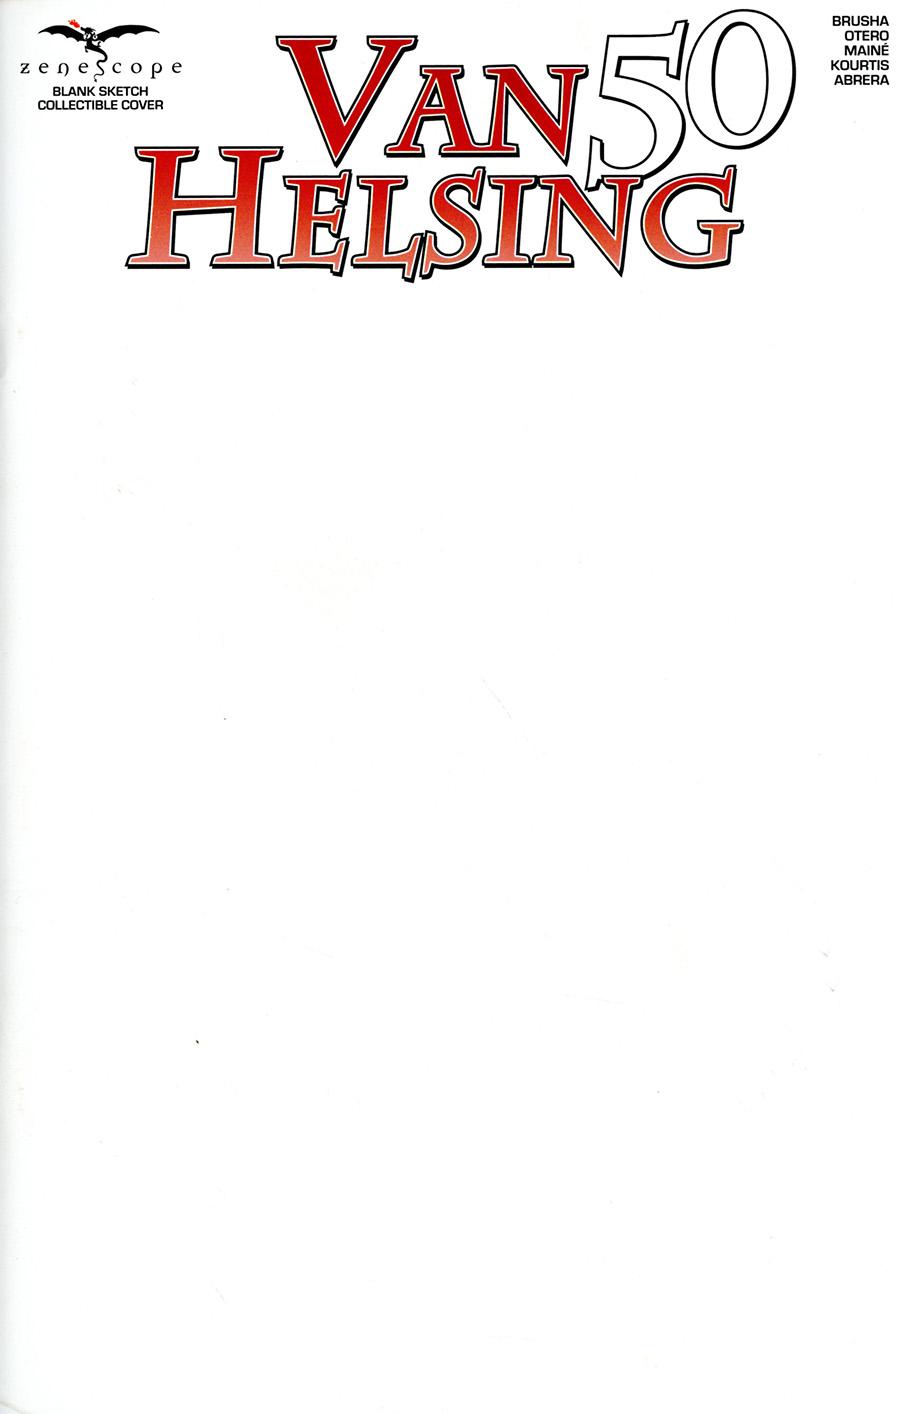 Grimm Fairy Tales Presents Van Helsing #50 Cover F Blank